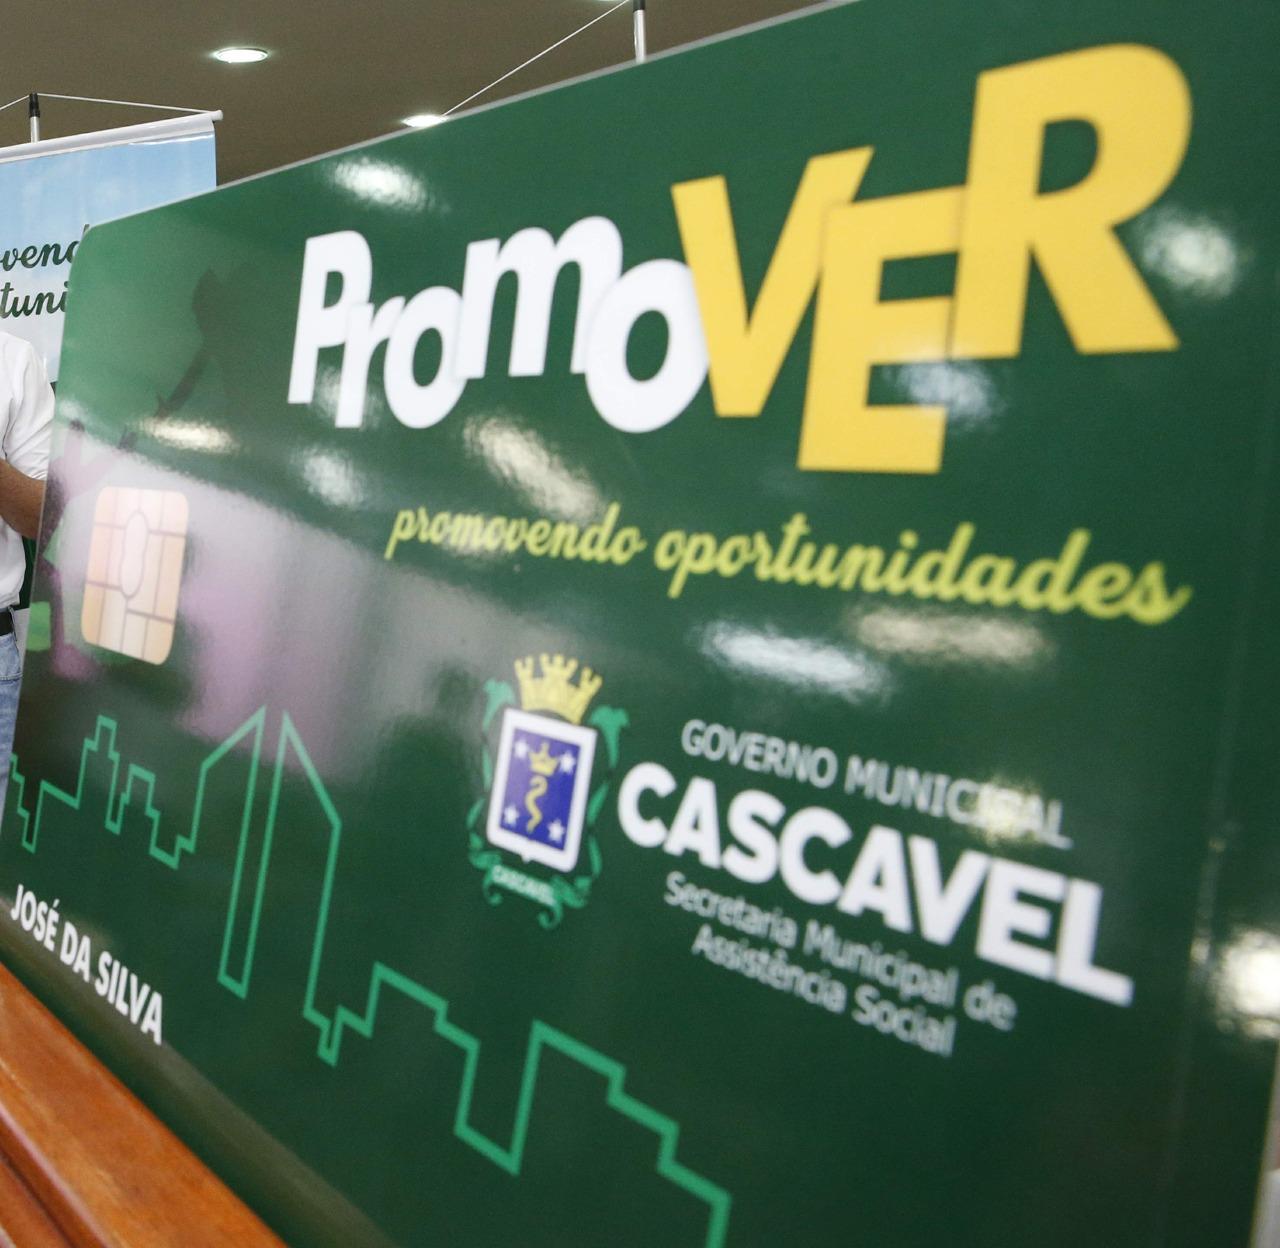 Cascavel anuncia auxílio de R$ 300 para famílias de baixa renda a partir de novembro